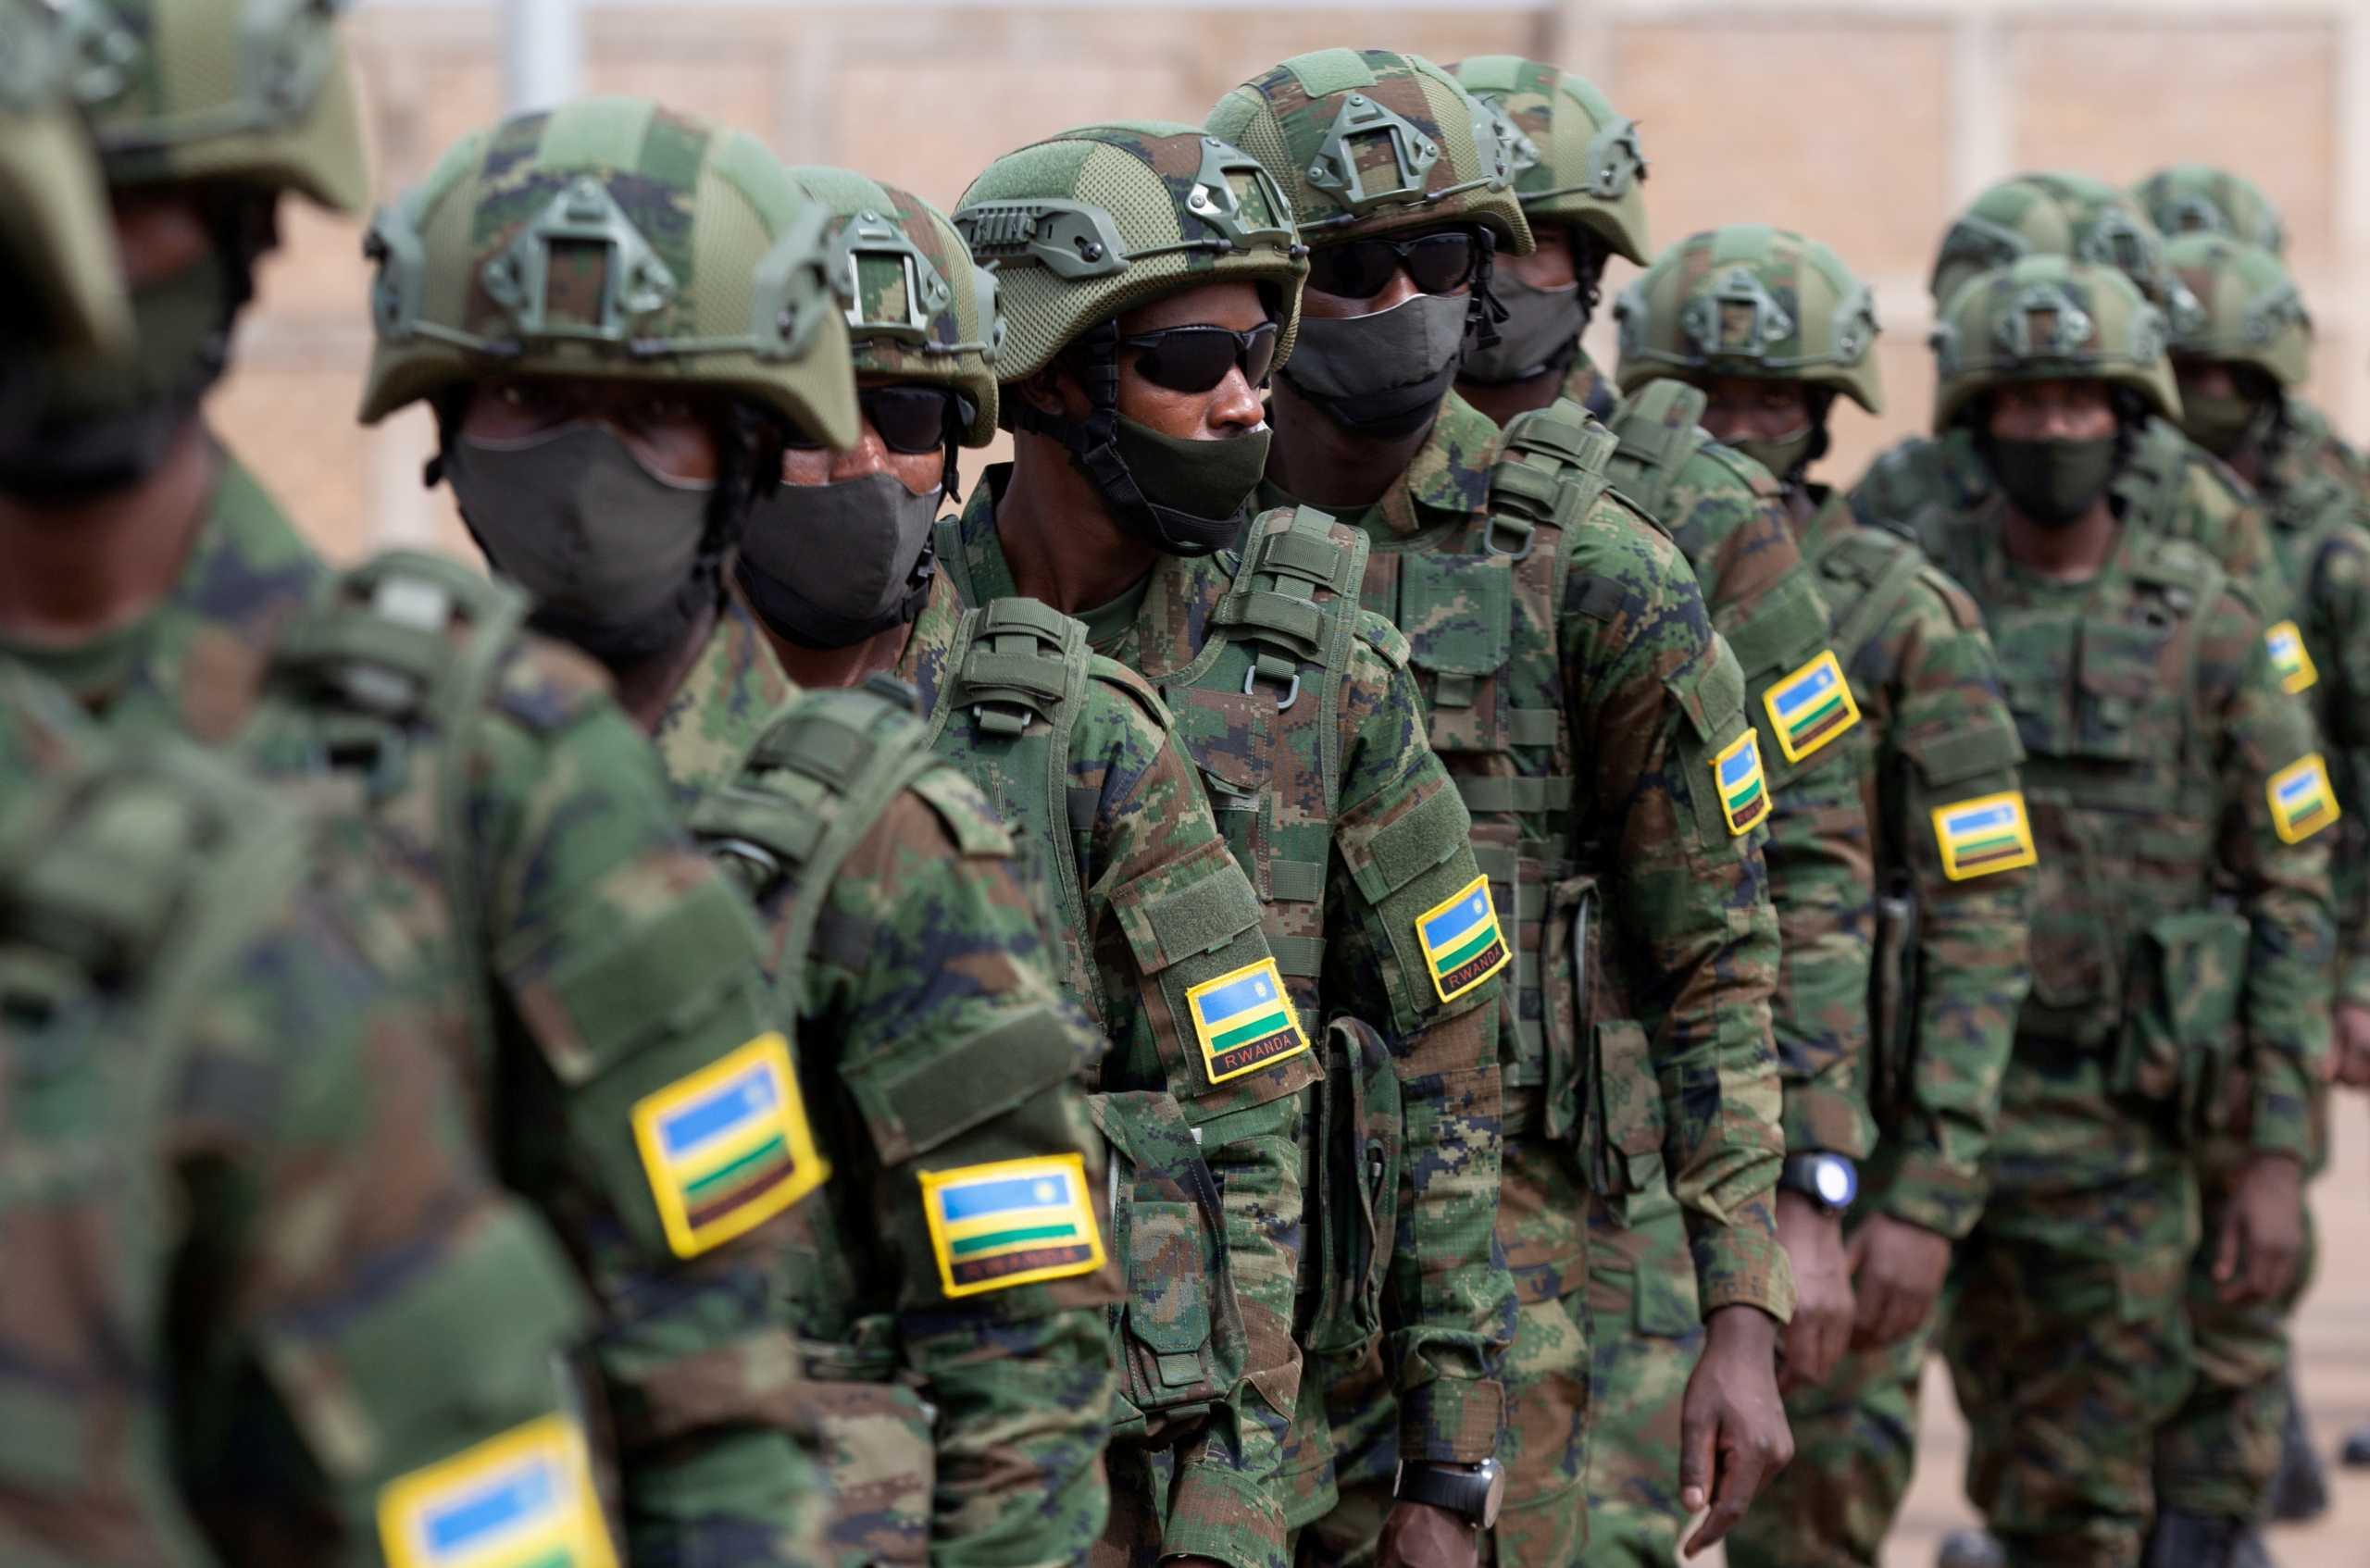 Μοζαμβίκη: Τζιχαντιστές έχασαν λιμάνι στρατηγικής σημασίας – Είχε μετατραπεί σε αρχηγείο της «εξέγερσης»